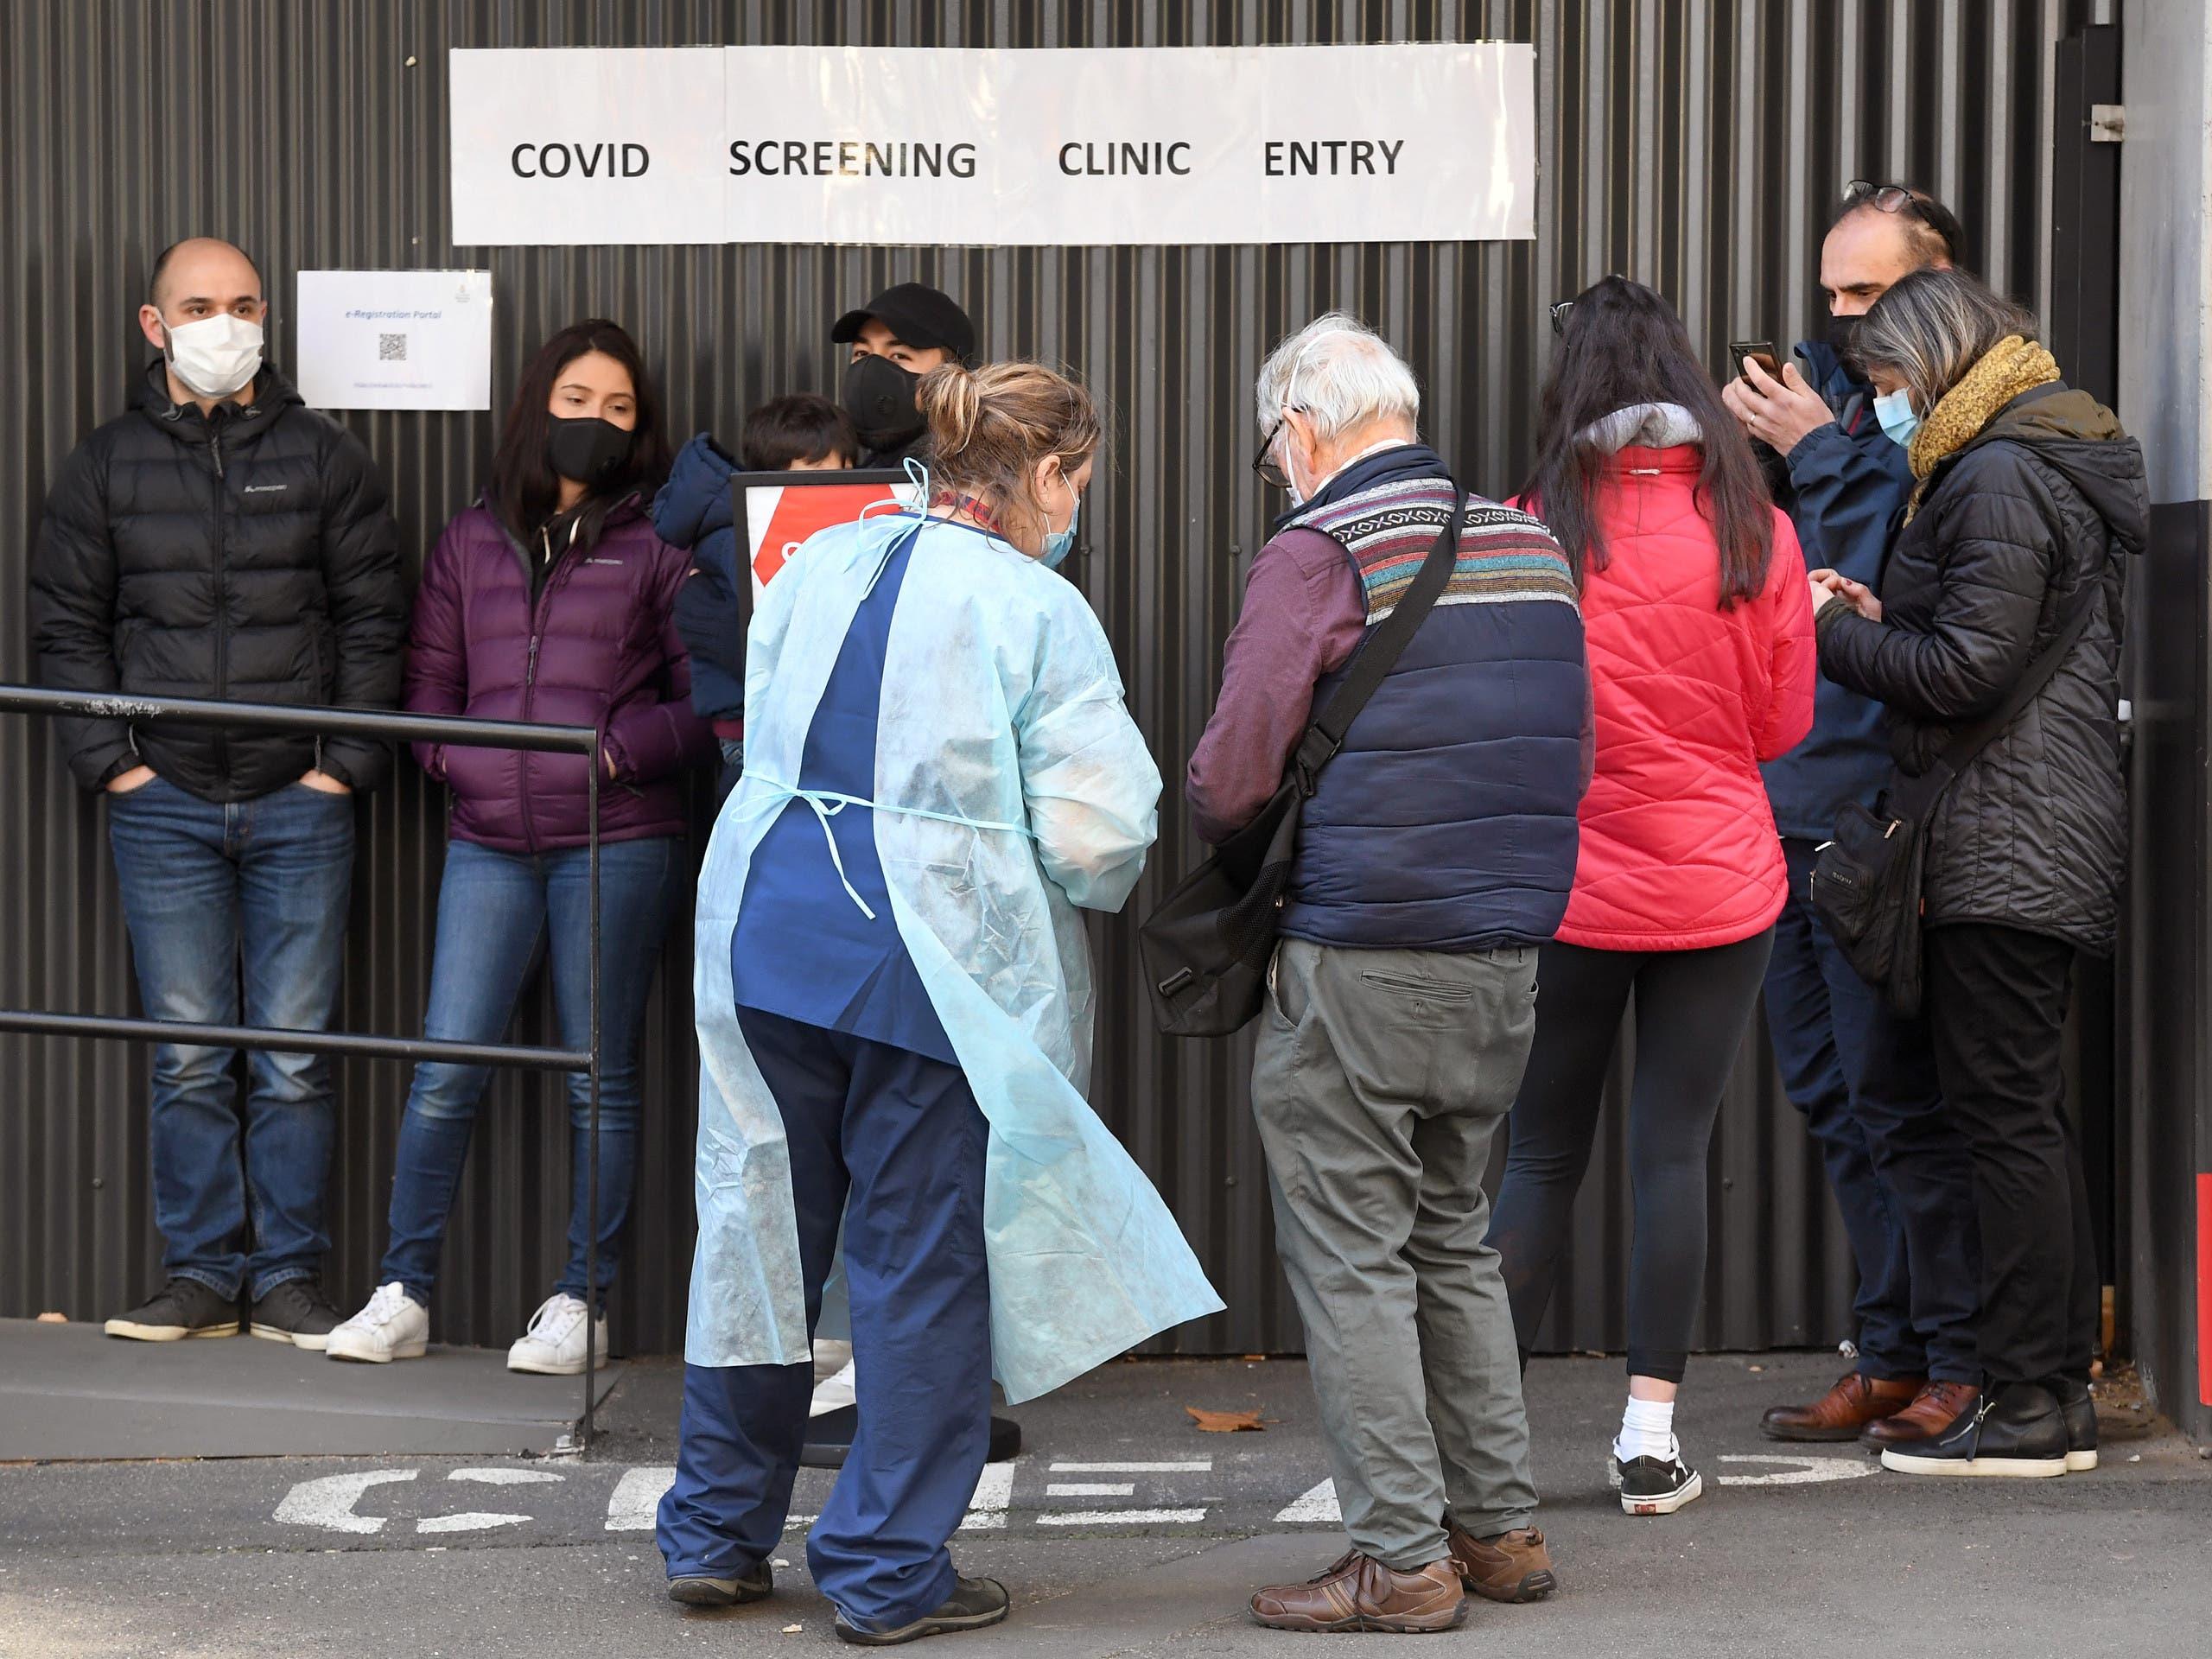 طابور انتظار أمام مركز فحص كورونا في ملبورن